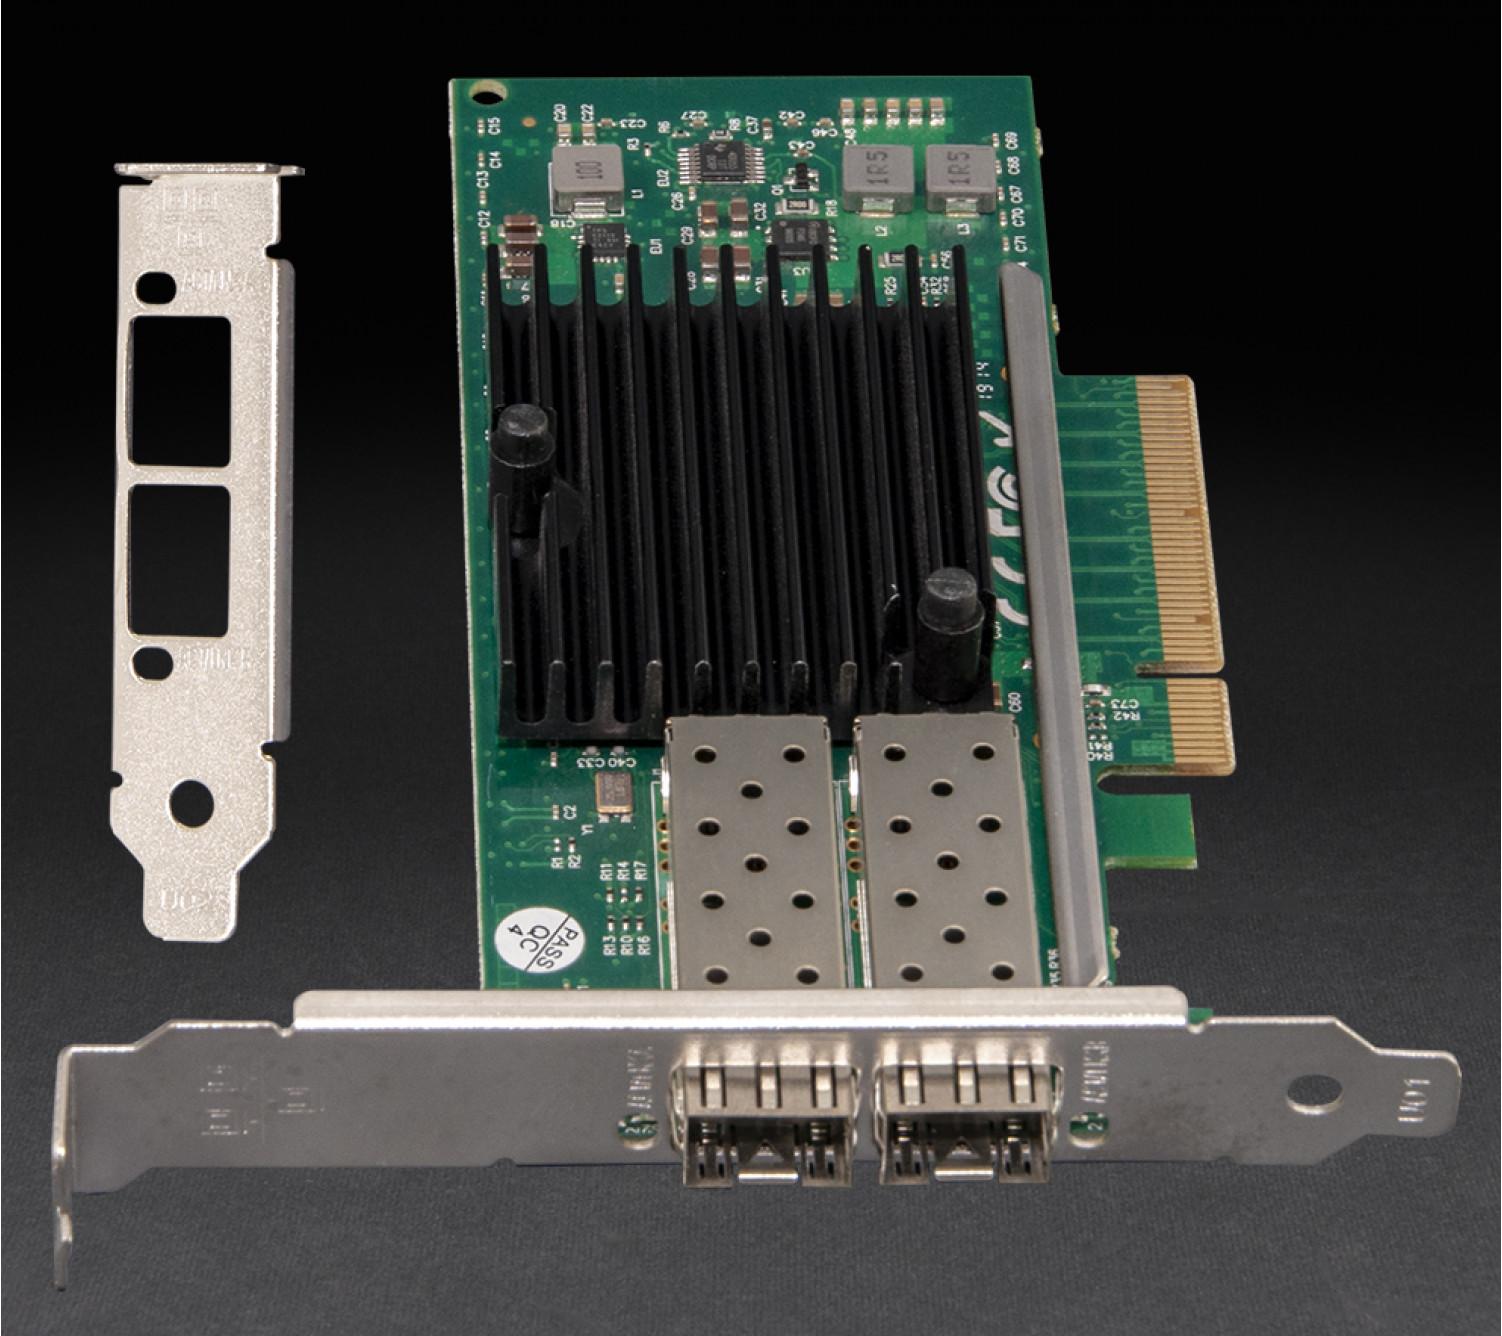 Сетевая карта Frime PCI-E x8 Dual SFP+ 10 Gigabit Ethernet Intel JL82599ES (NCF-10GbJL82599ES.DSFP)